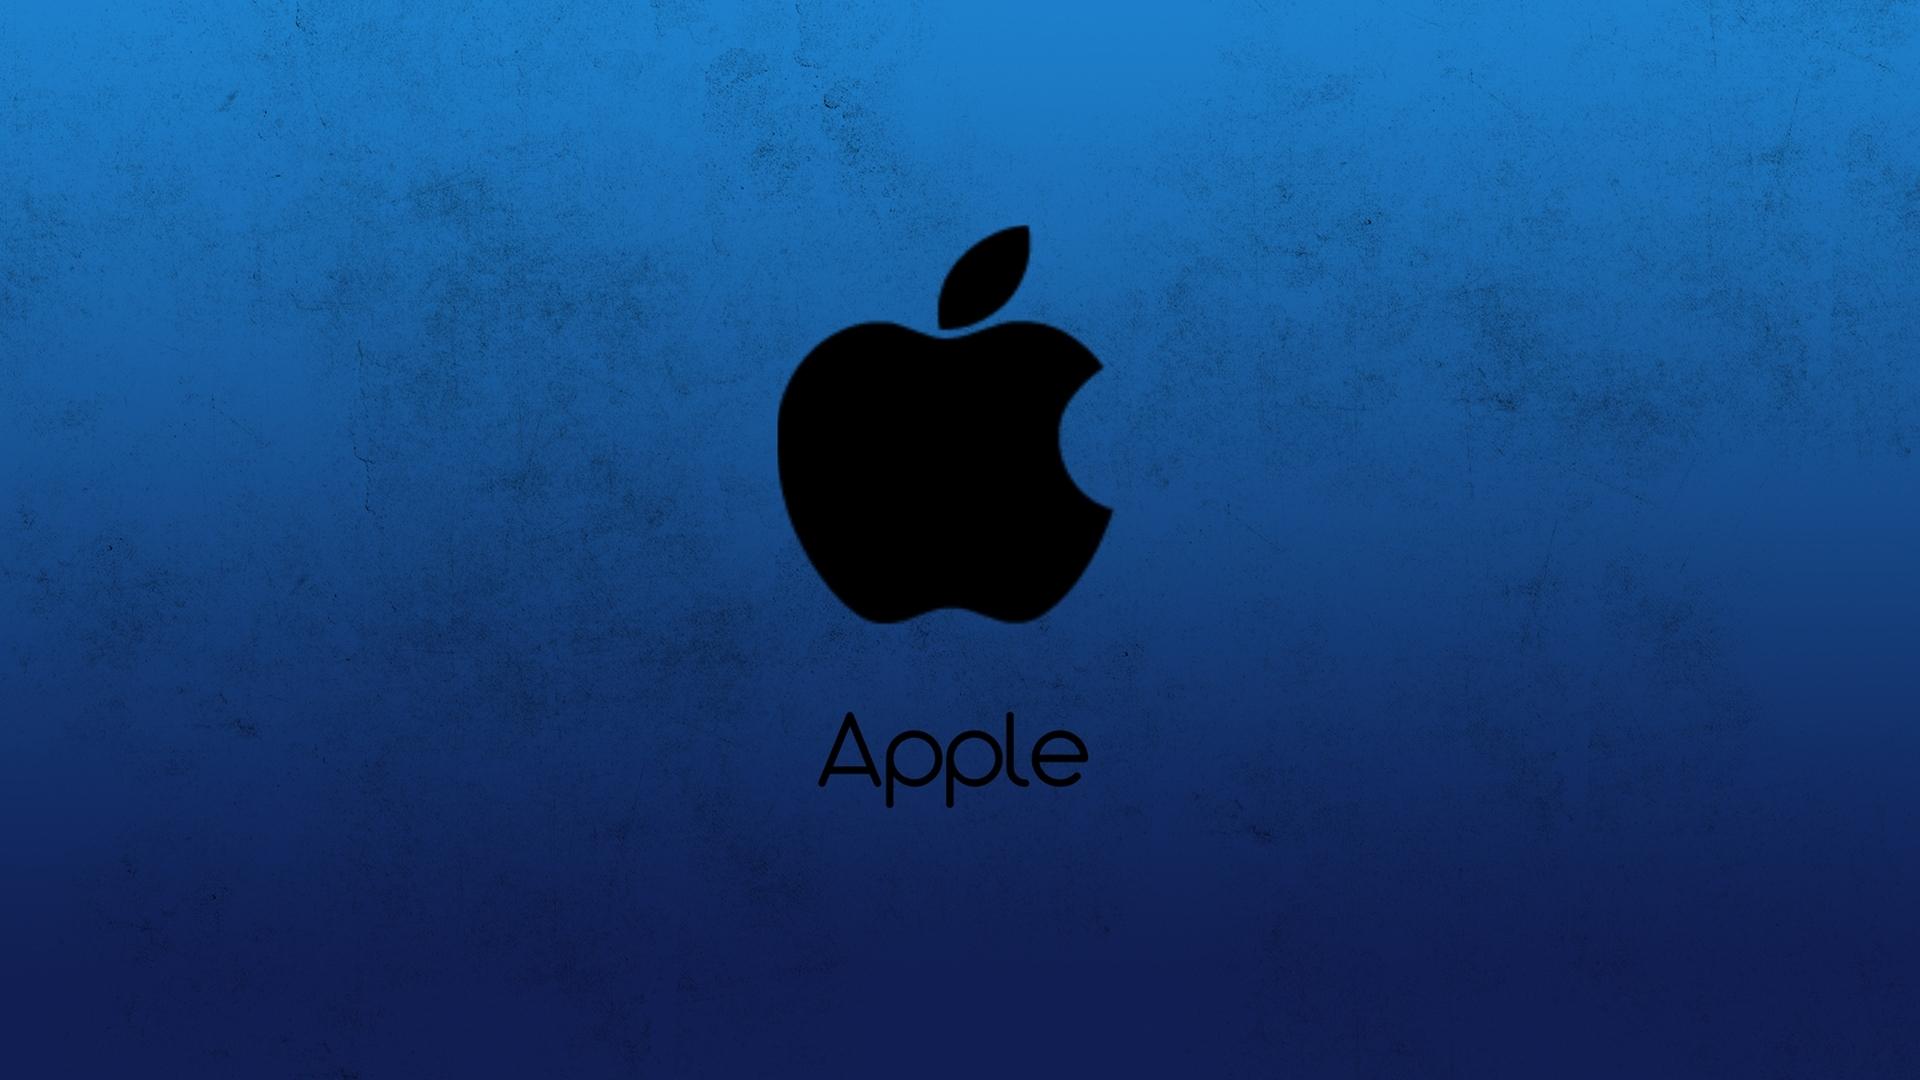 苹果正式对外公布将推出新的流媒体视频服务